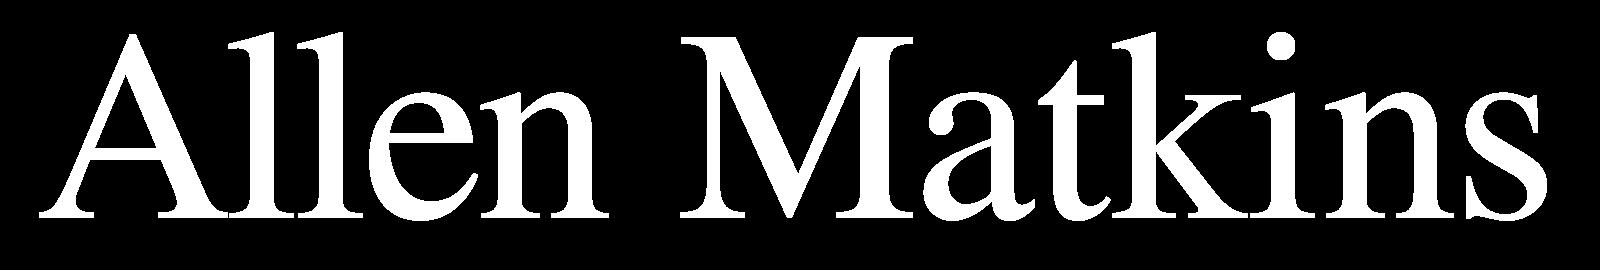 White Allen Matkins logo